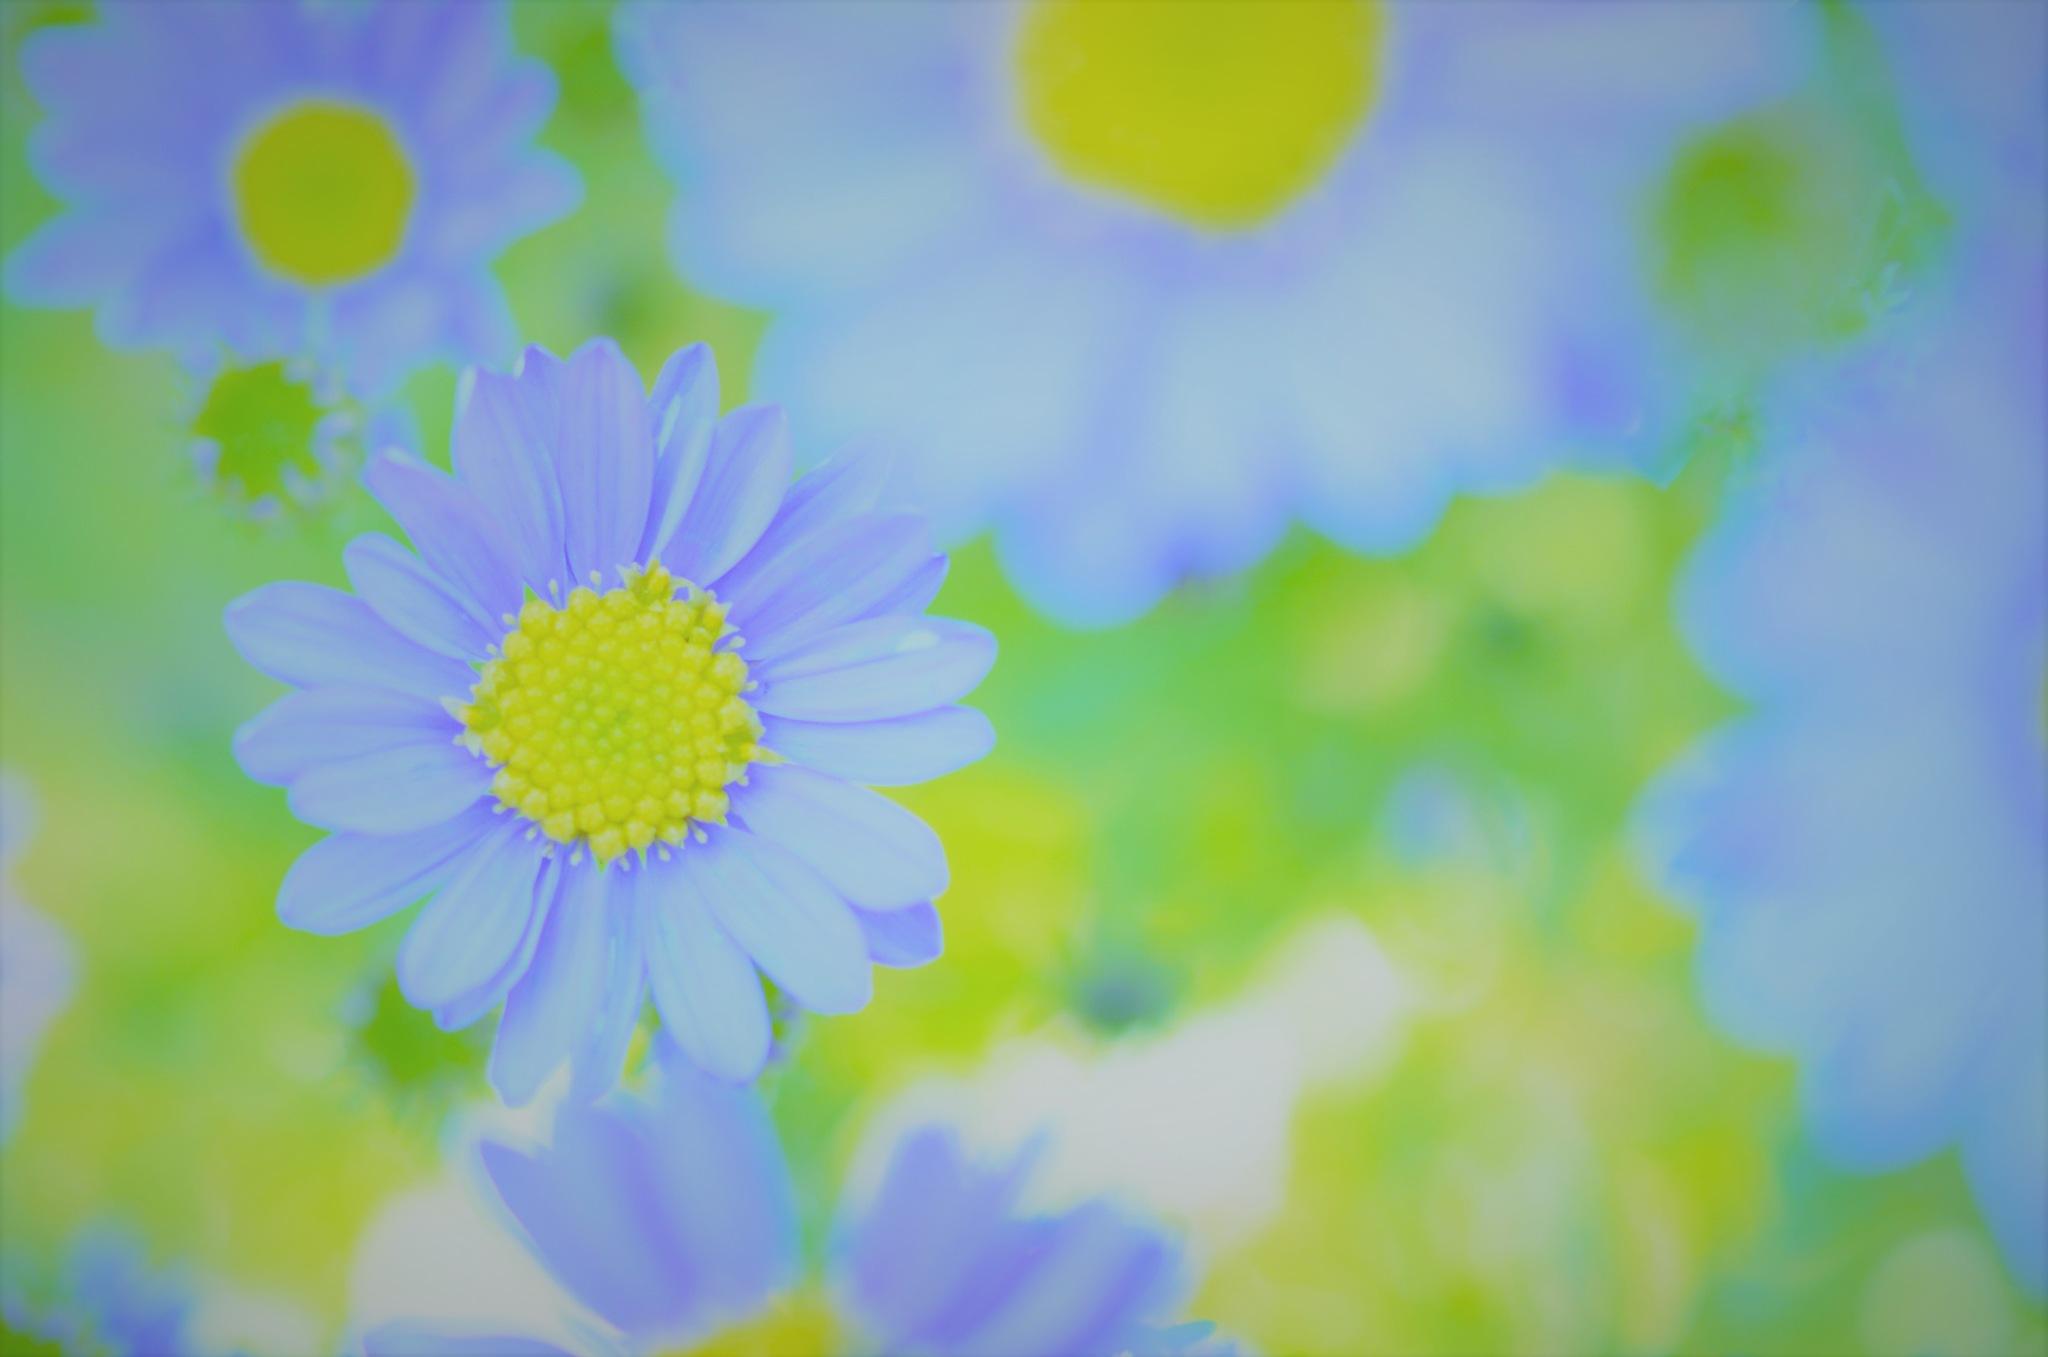 chrysanthemum by Masahiro  Asano